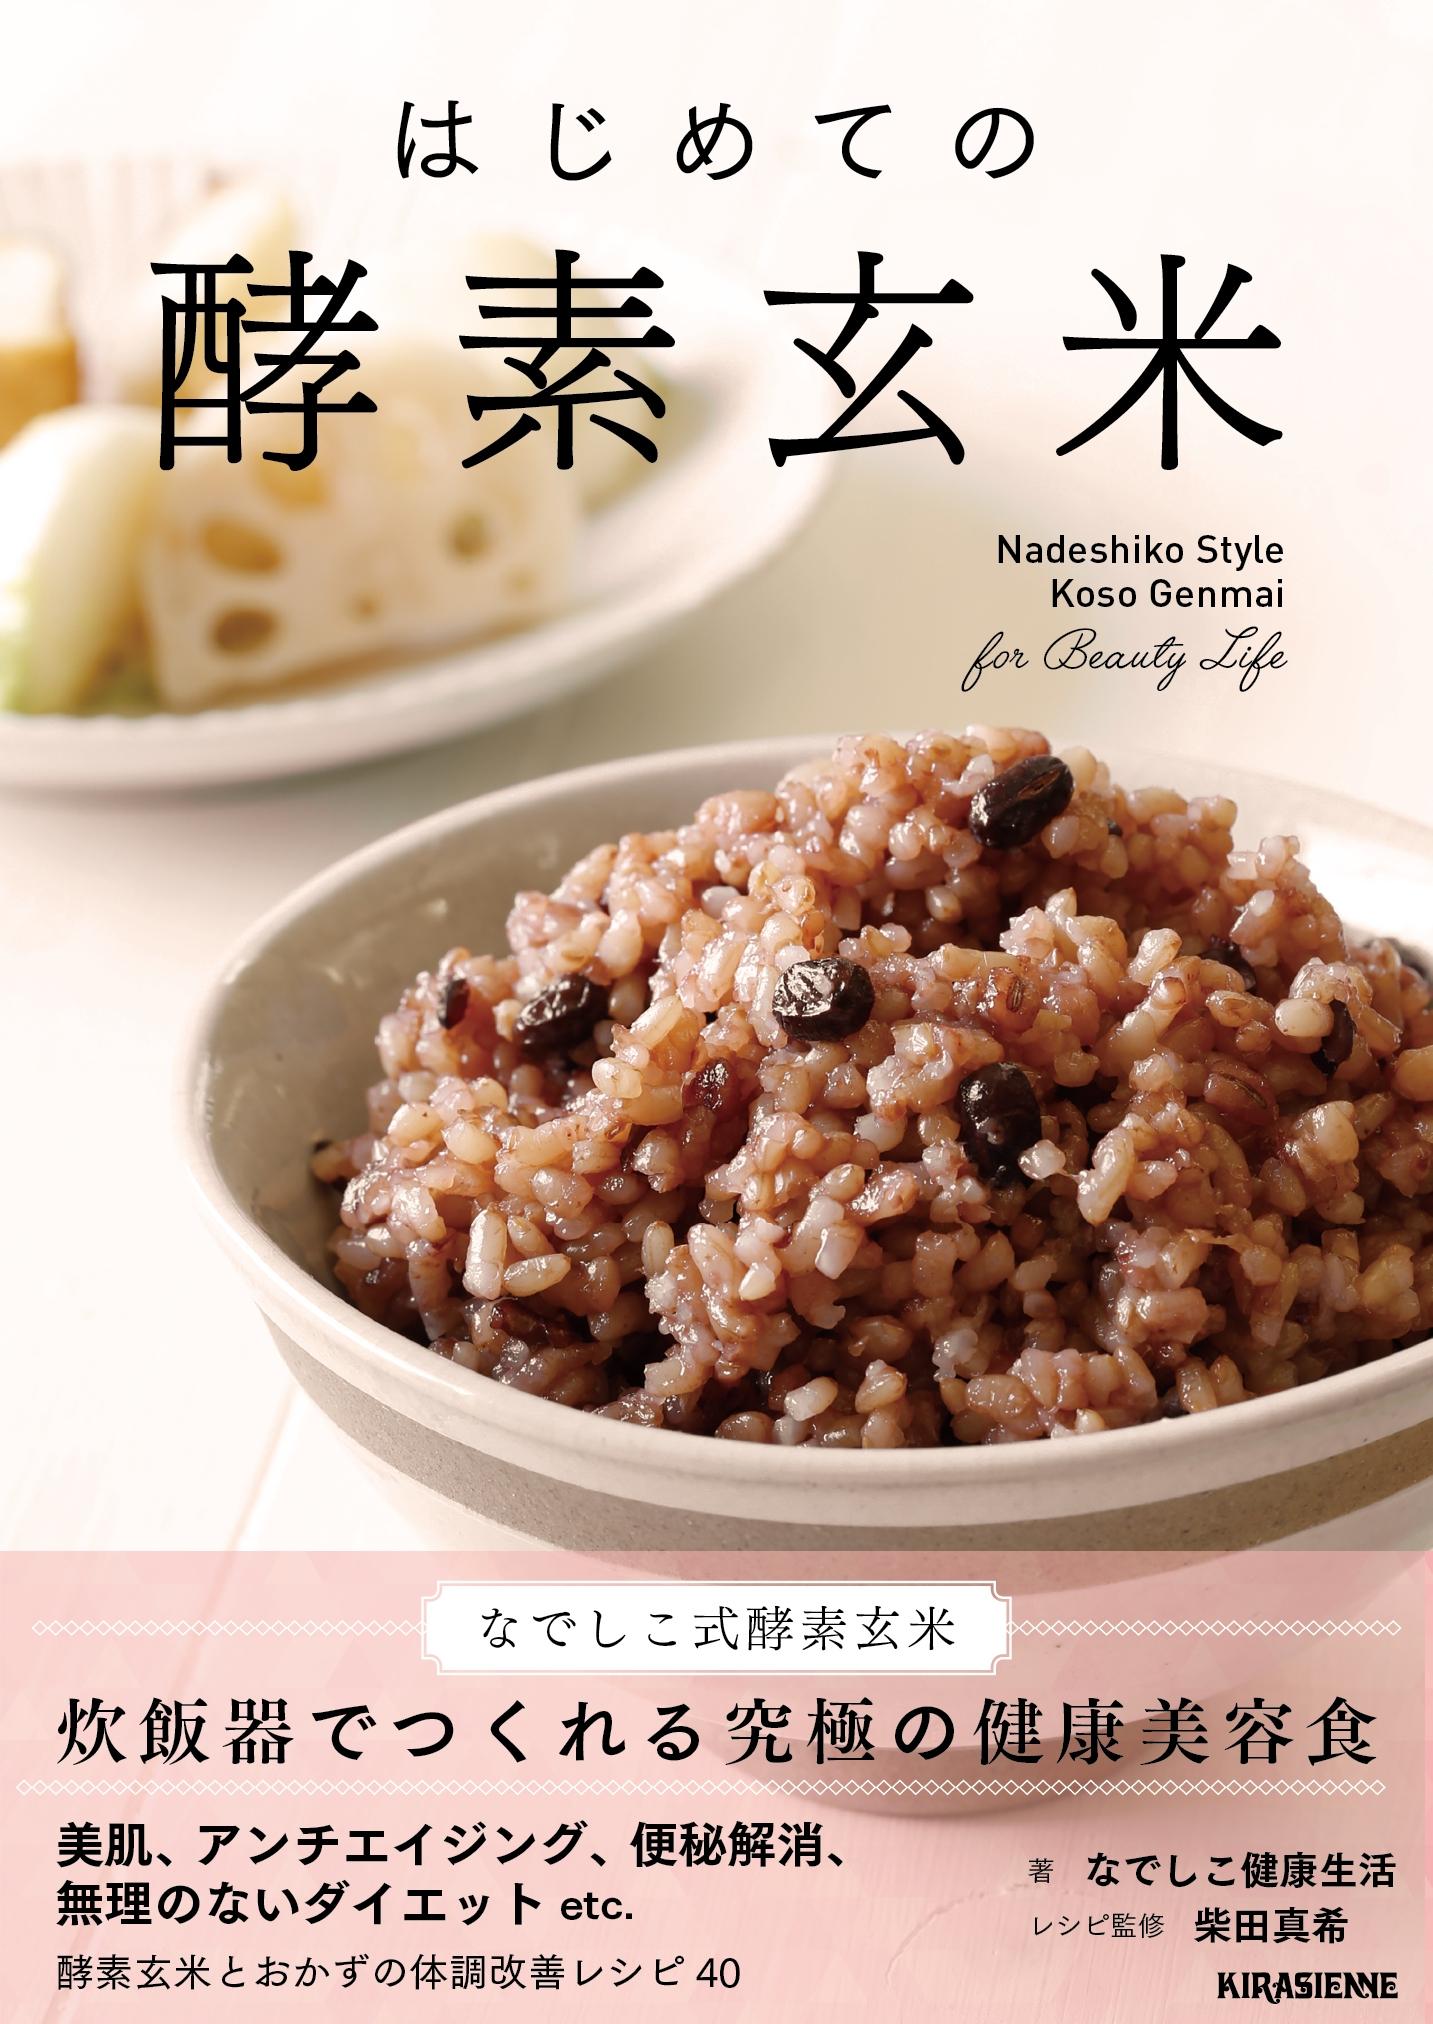 発芽玄米炊飯器※人気の3機種を比較